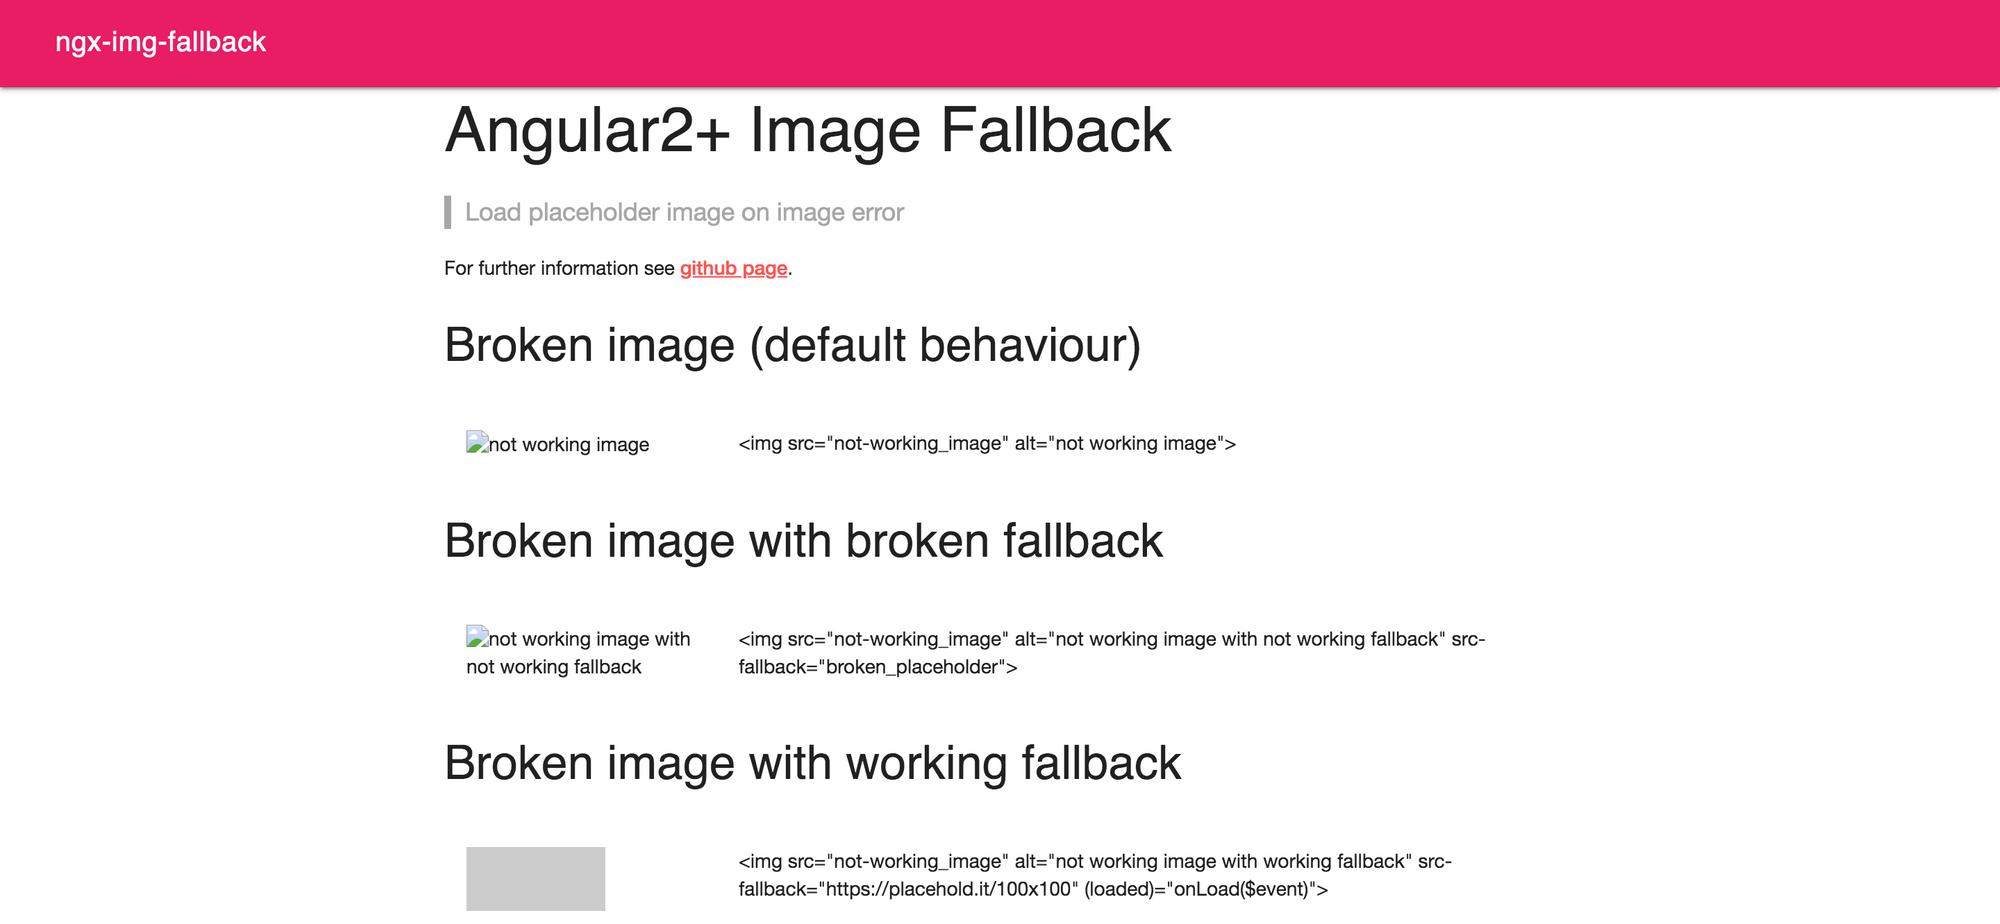 NGX-Img-Fallback - Angular